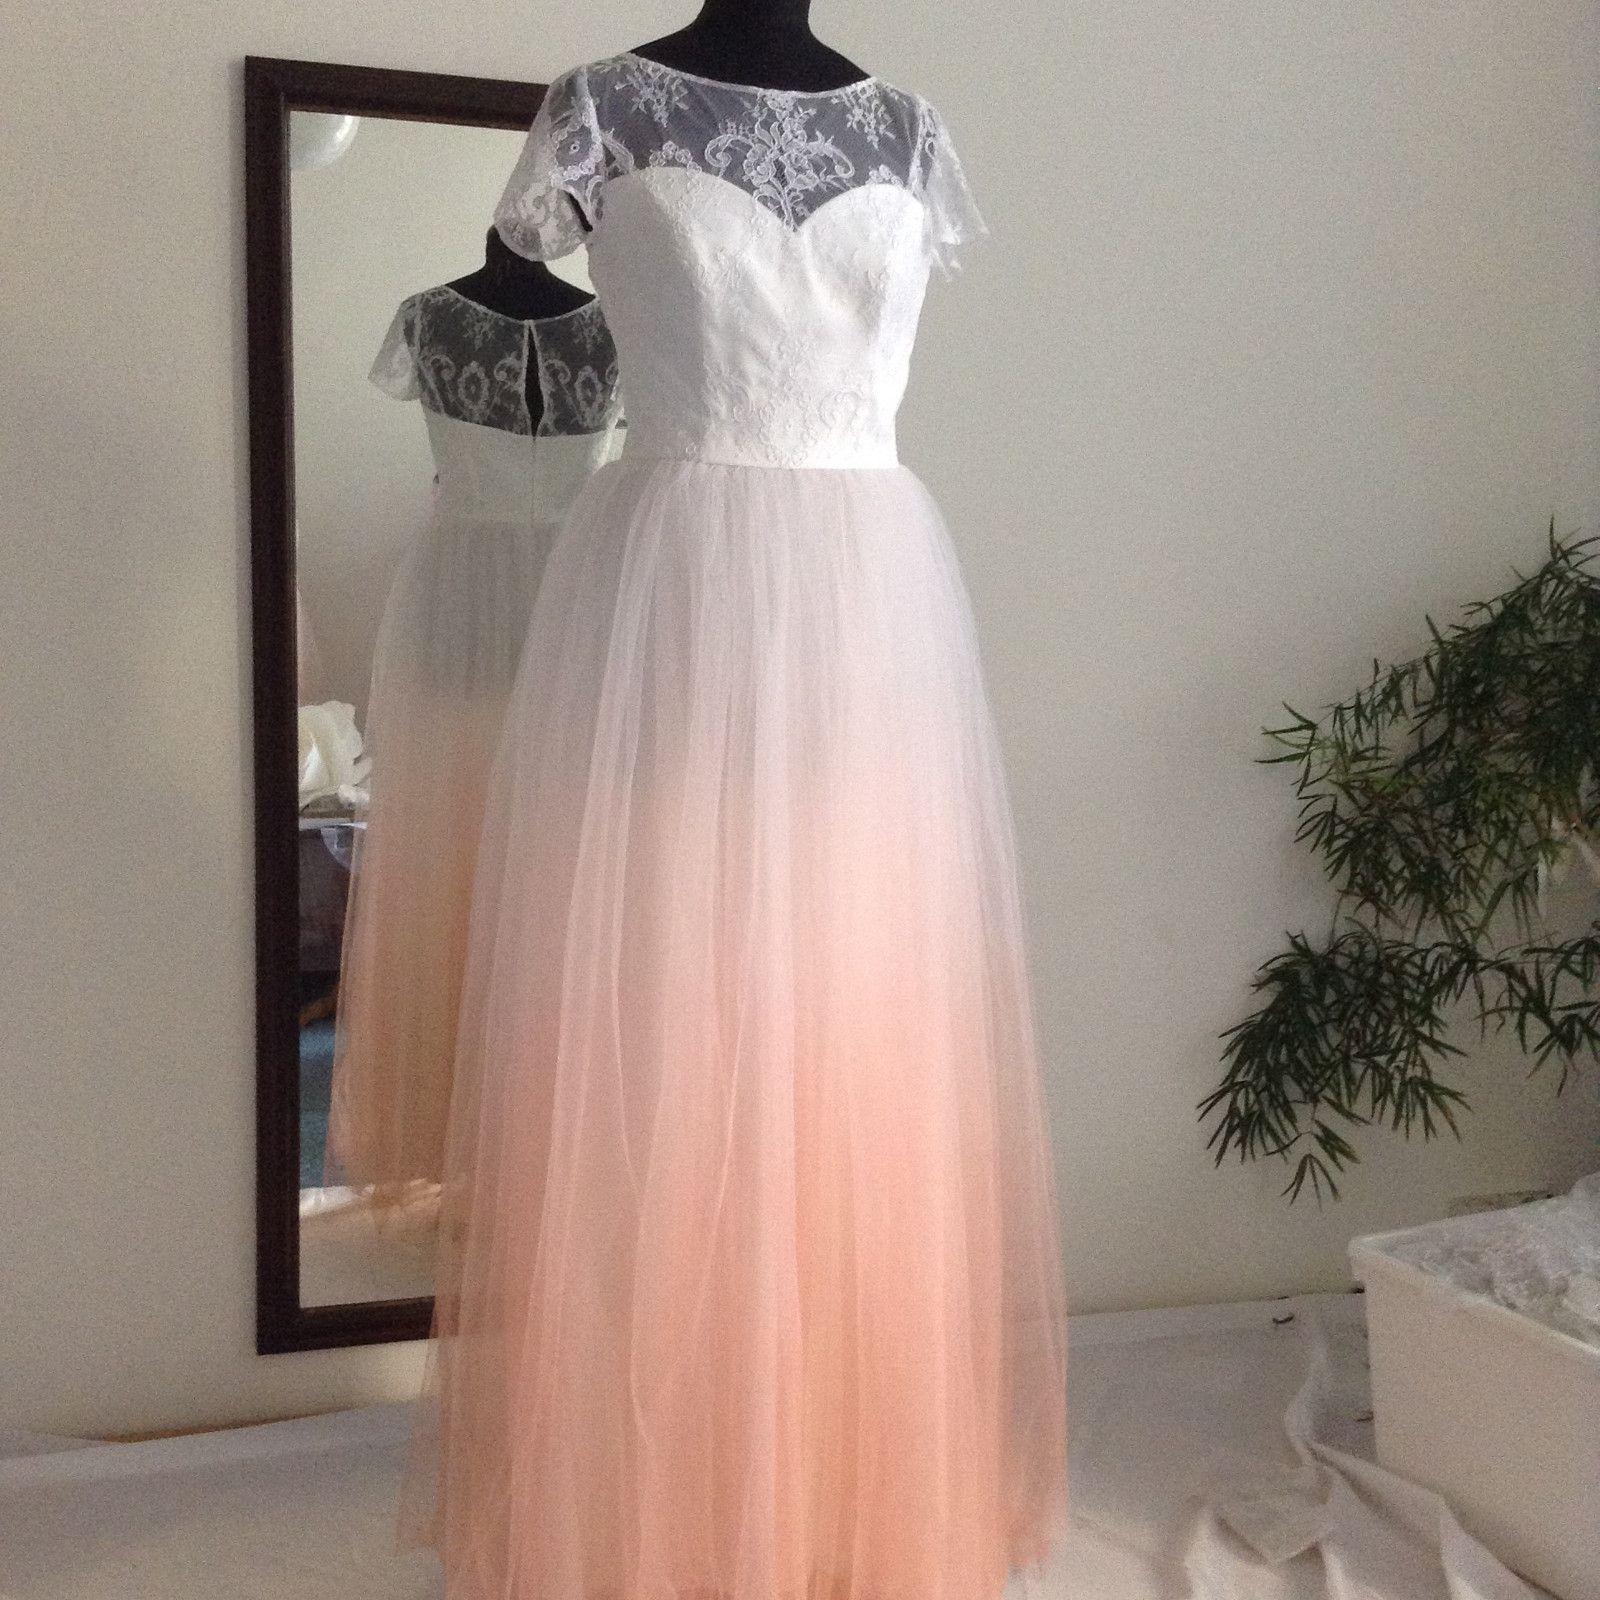 6db58d710114 Ombré+svatební+šaty+Tylová+sukně+těchto+šatů+je+barvena+ombré+stylem ...